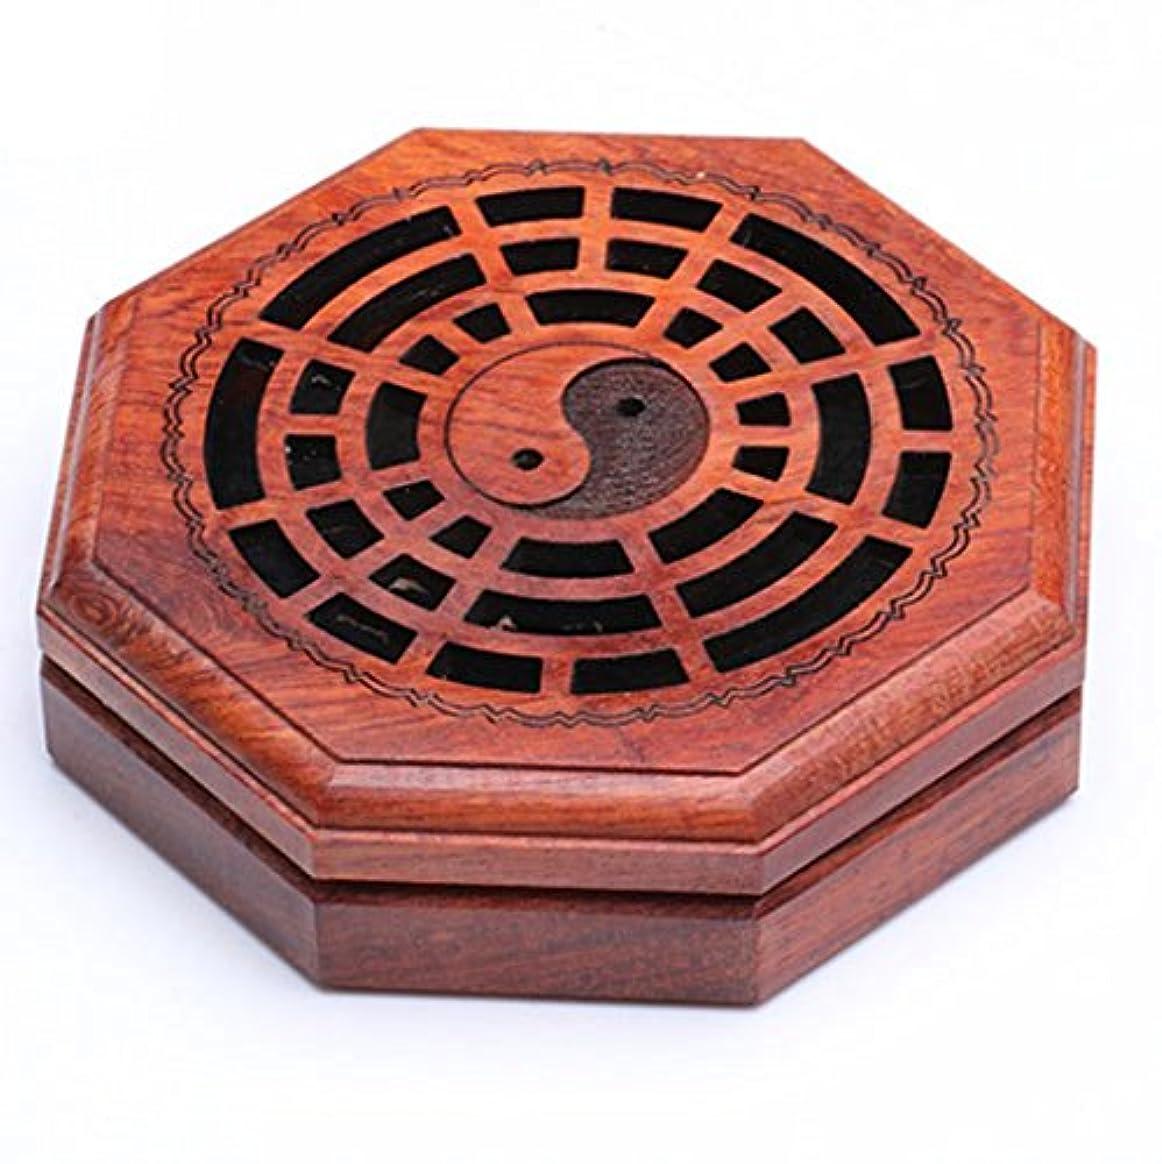 動作非行お肉(ラシューバー) Lasuiveur 香炉 線香立て 香立て 職人さんの手作り 茶道用品 おしゃれ  木製 透かし彫り